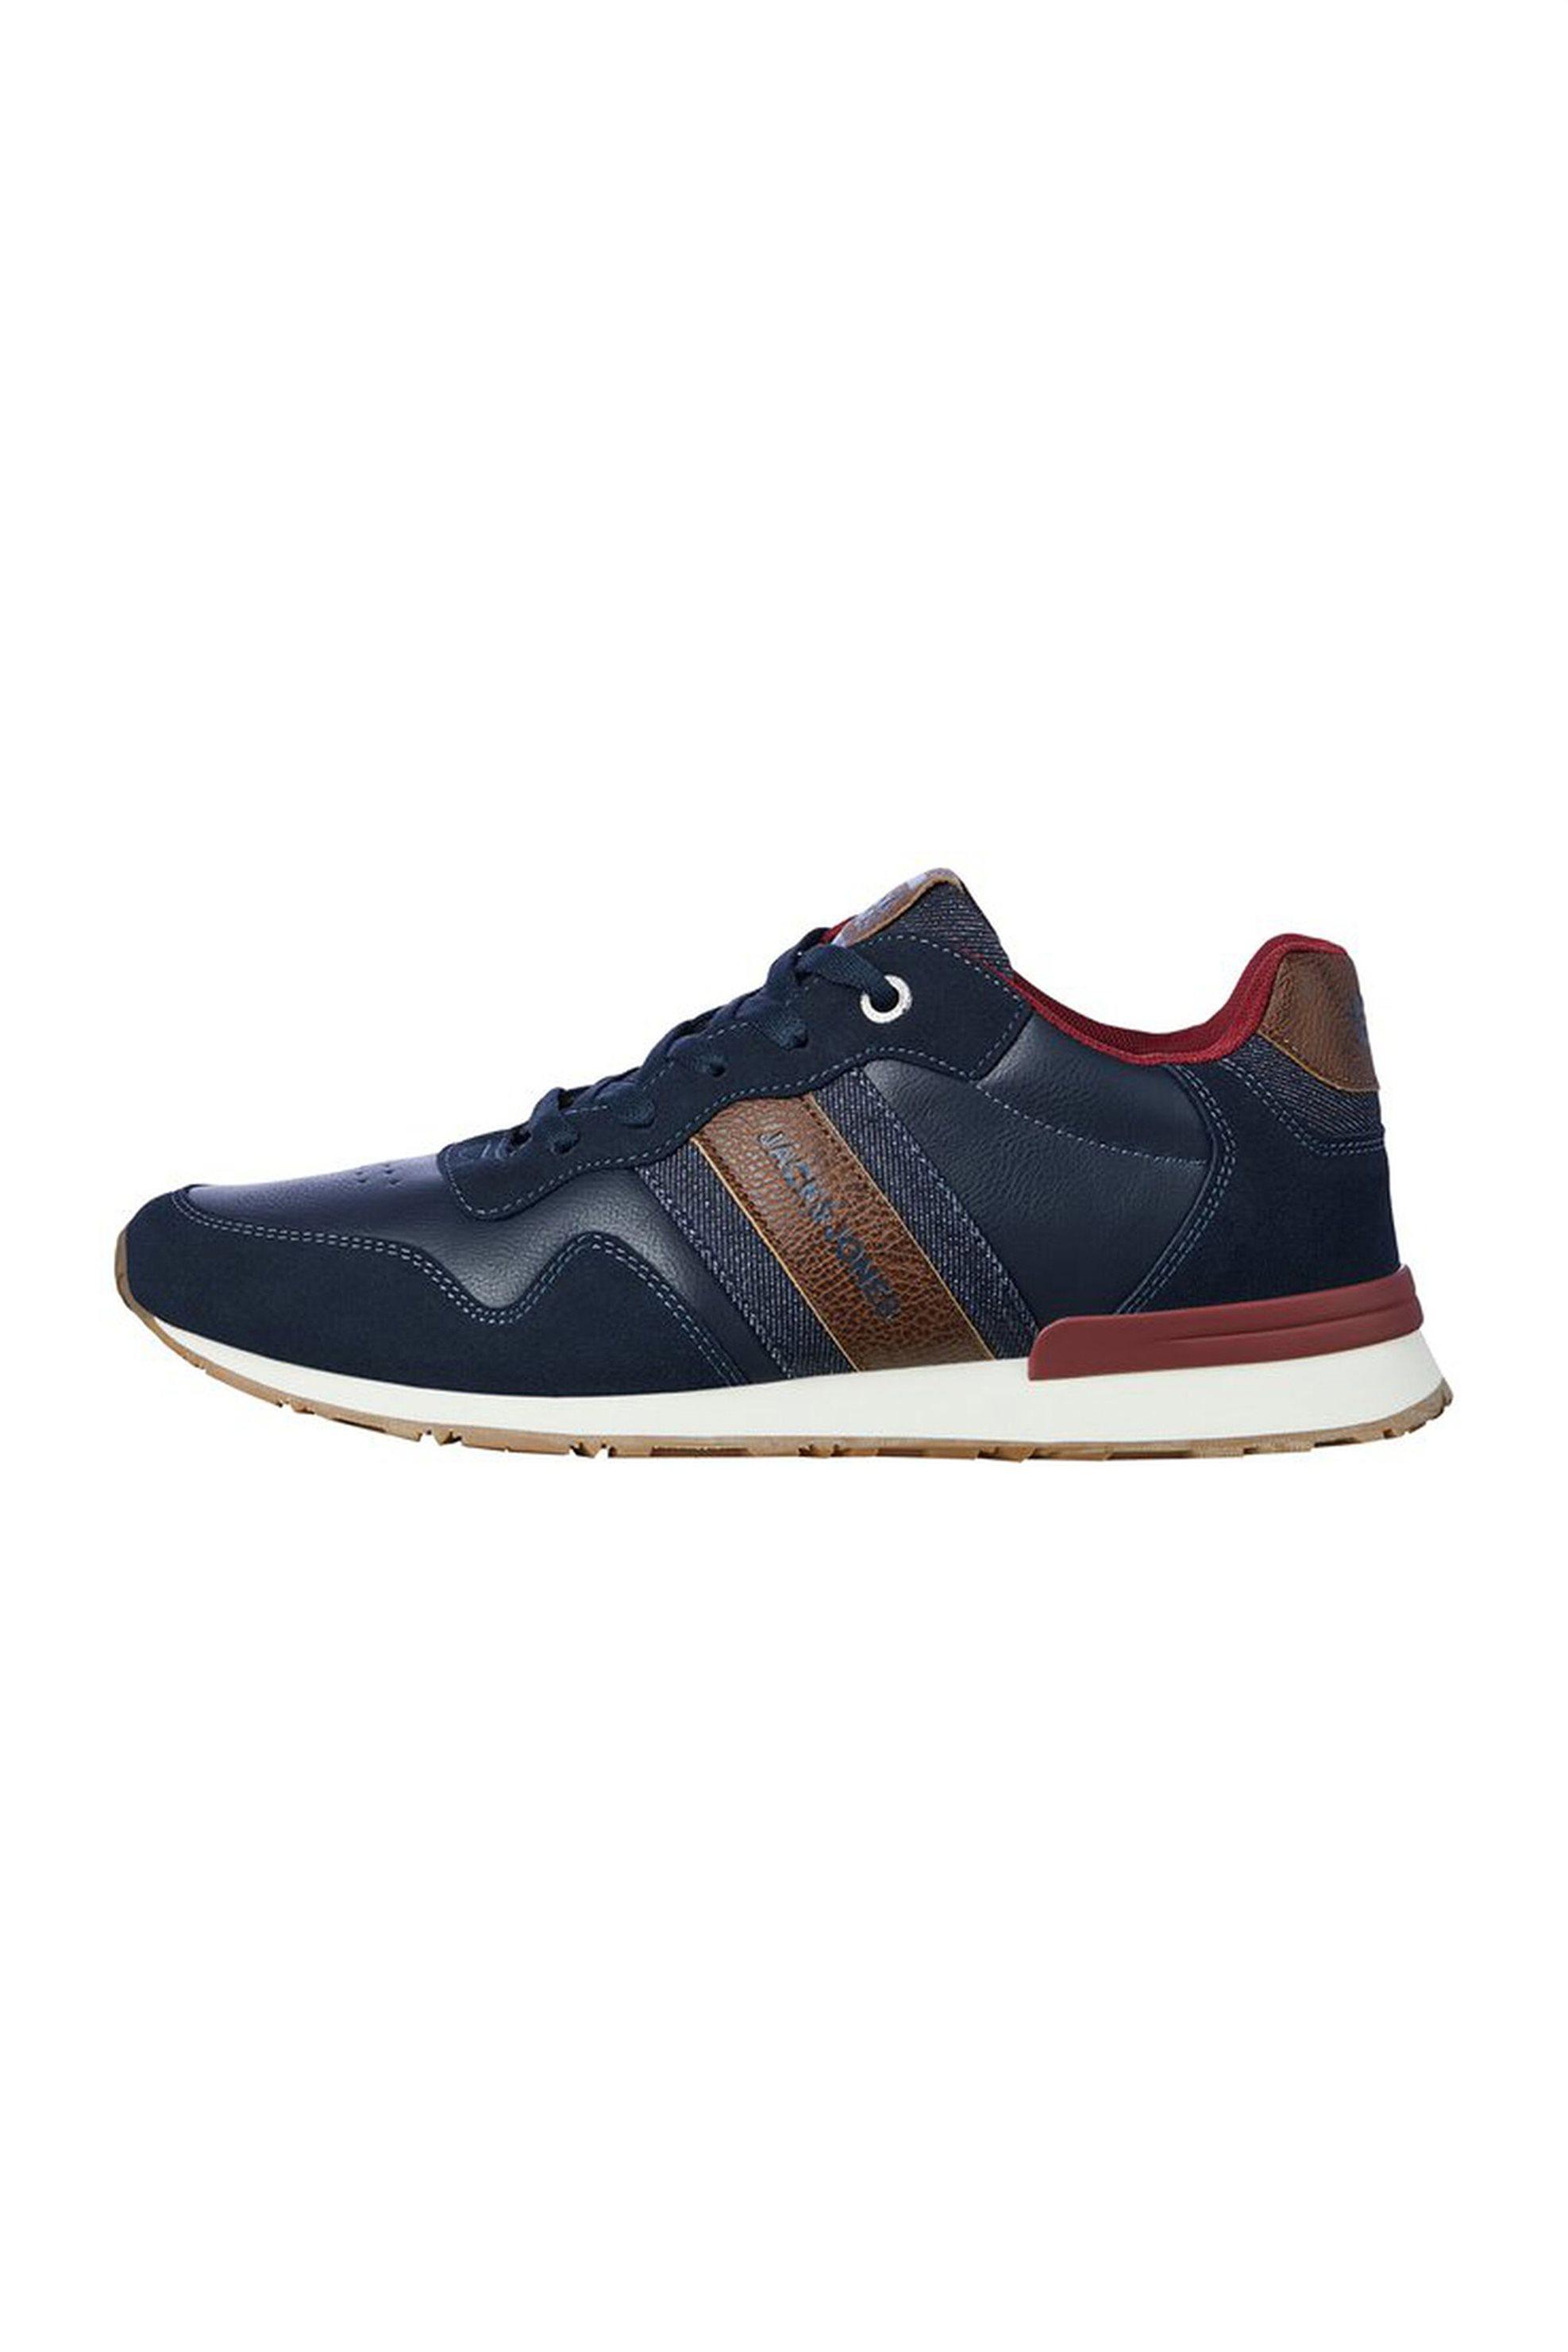 JACK & JONES ανδρικά faux leather sneakers – 12177238 – Μπλε Σκούρο